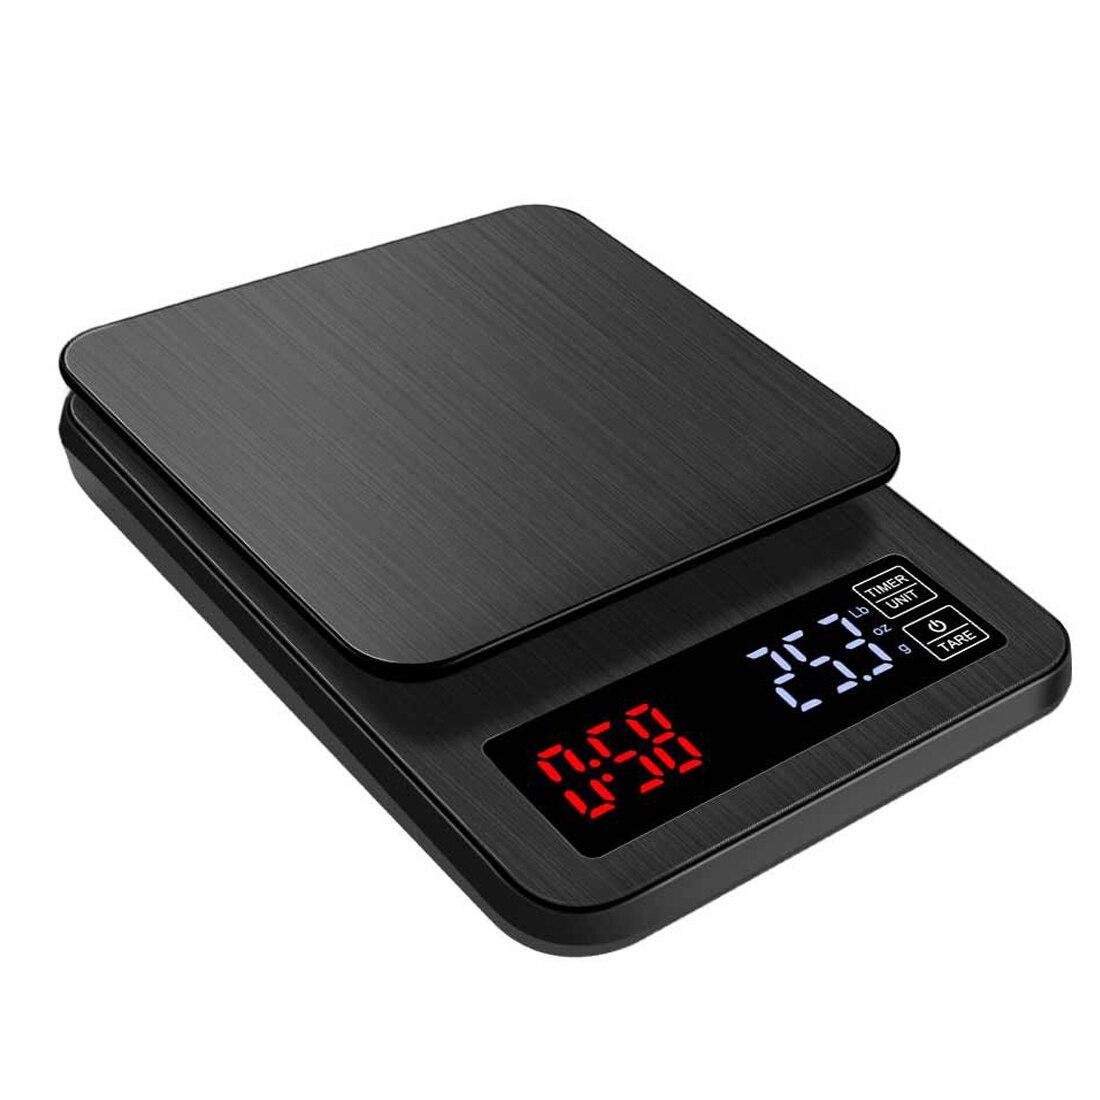 3/5/10kg 0.1g/0.01g LCD balances de cuisine électroniques ménage Balance cuisson mesure outil acier inoxydable numérique pesage alimentaire